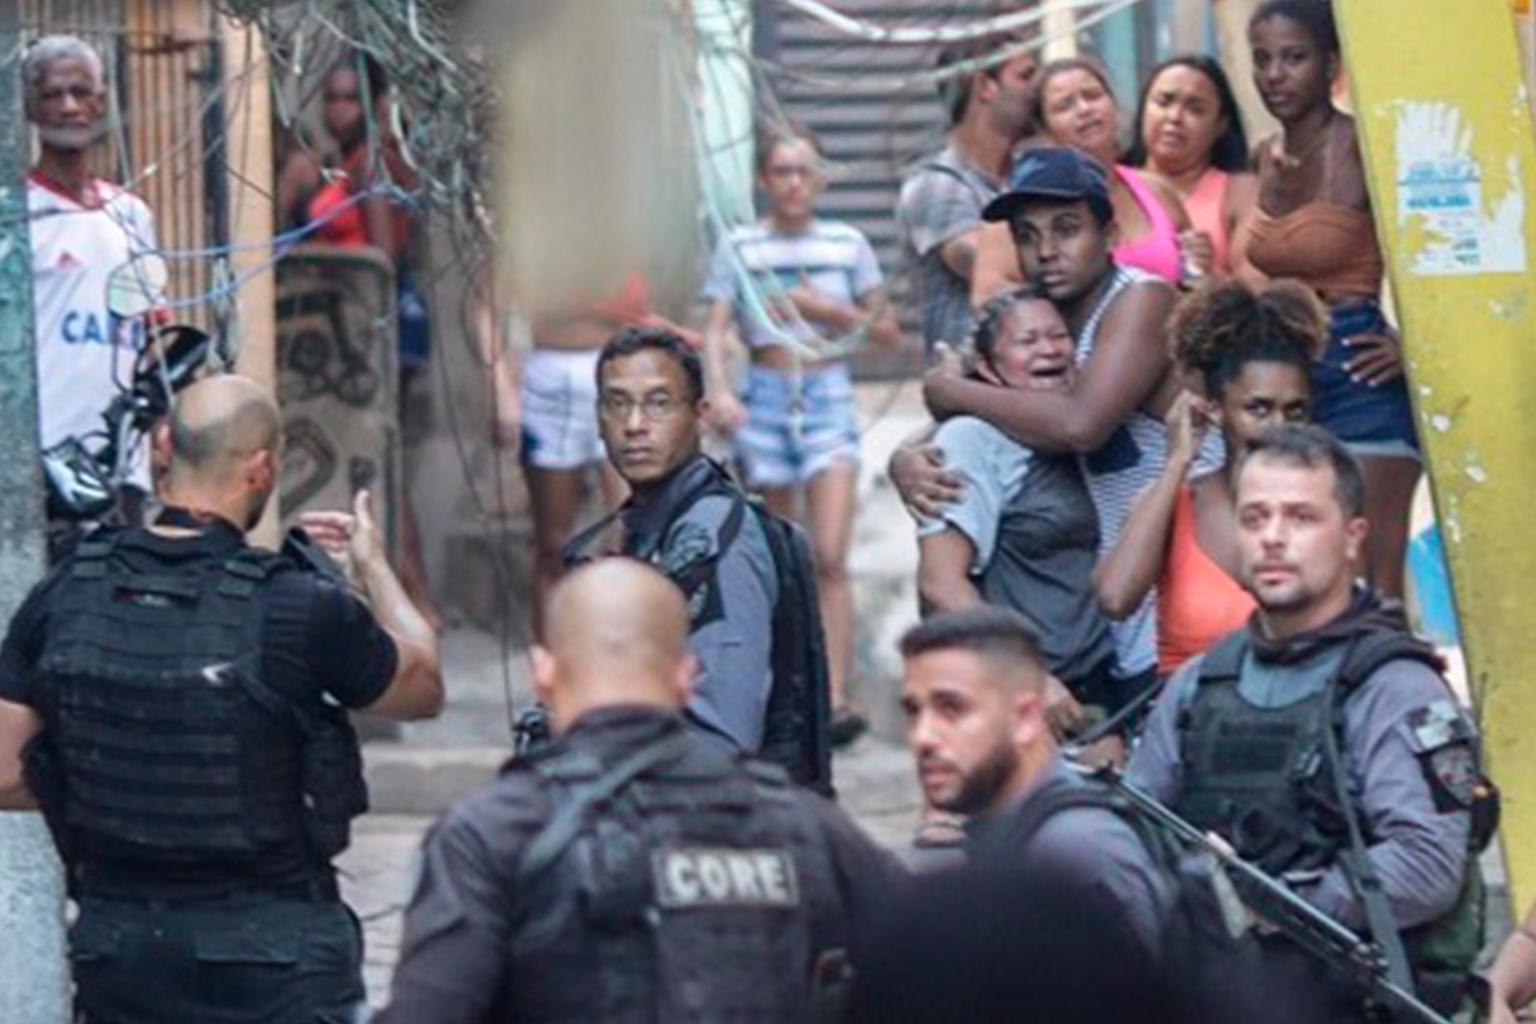 Ação movida no STF pretende obrigar Estado do Rio a instalar câmeras em fardas e viaturas da PM